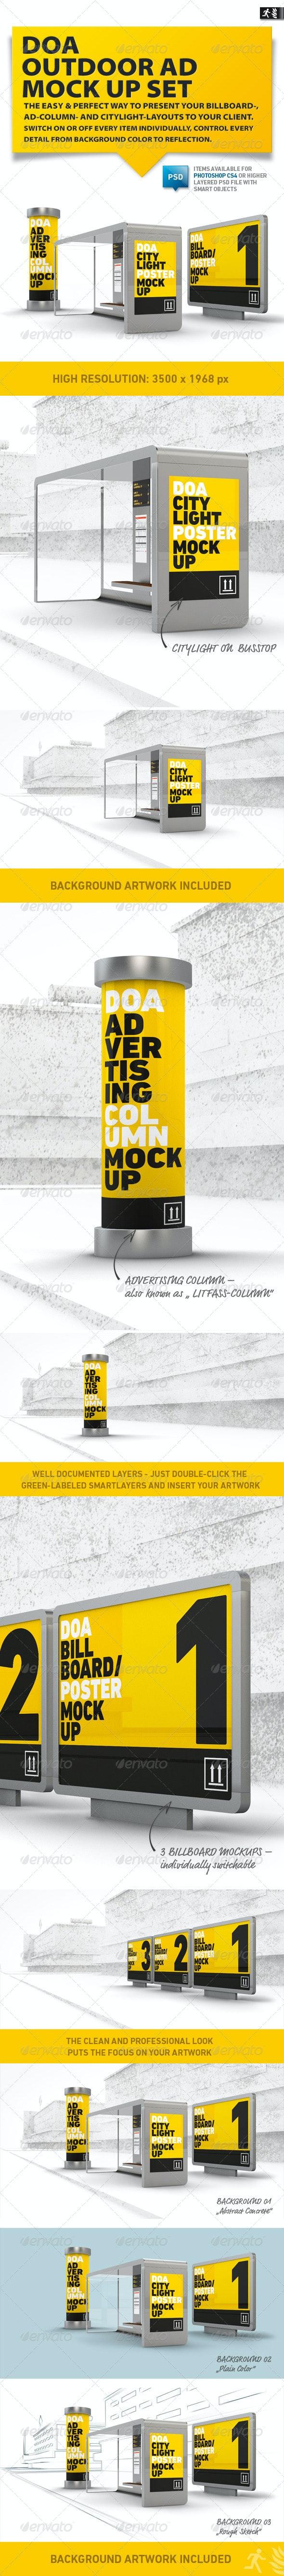 DOA Outdoor Mock Up Set - Signage Print